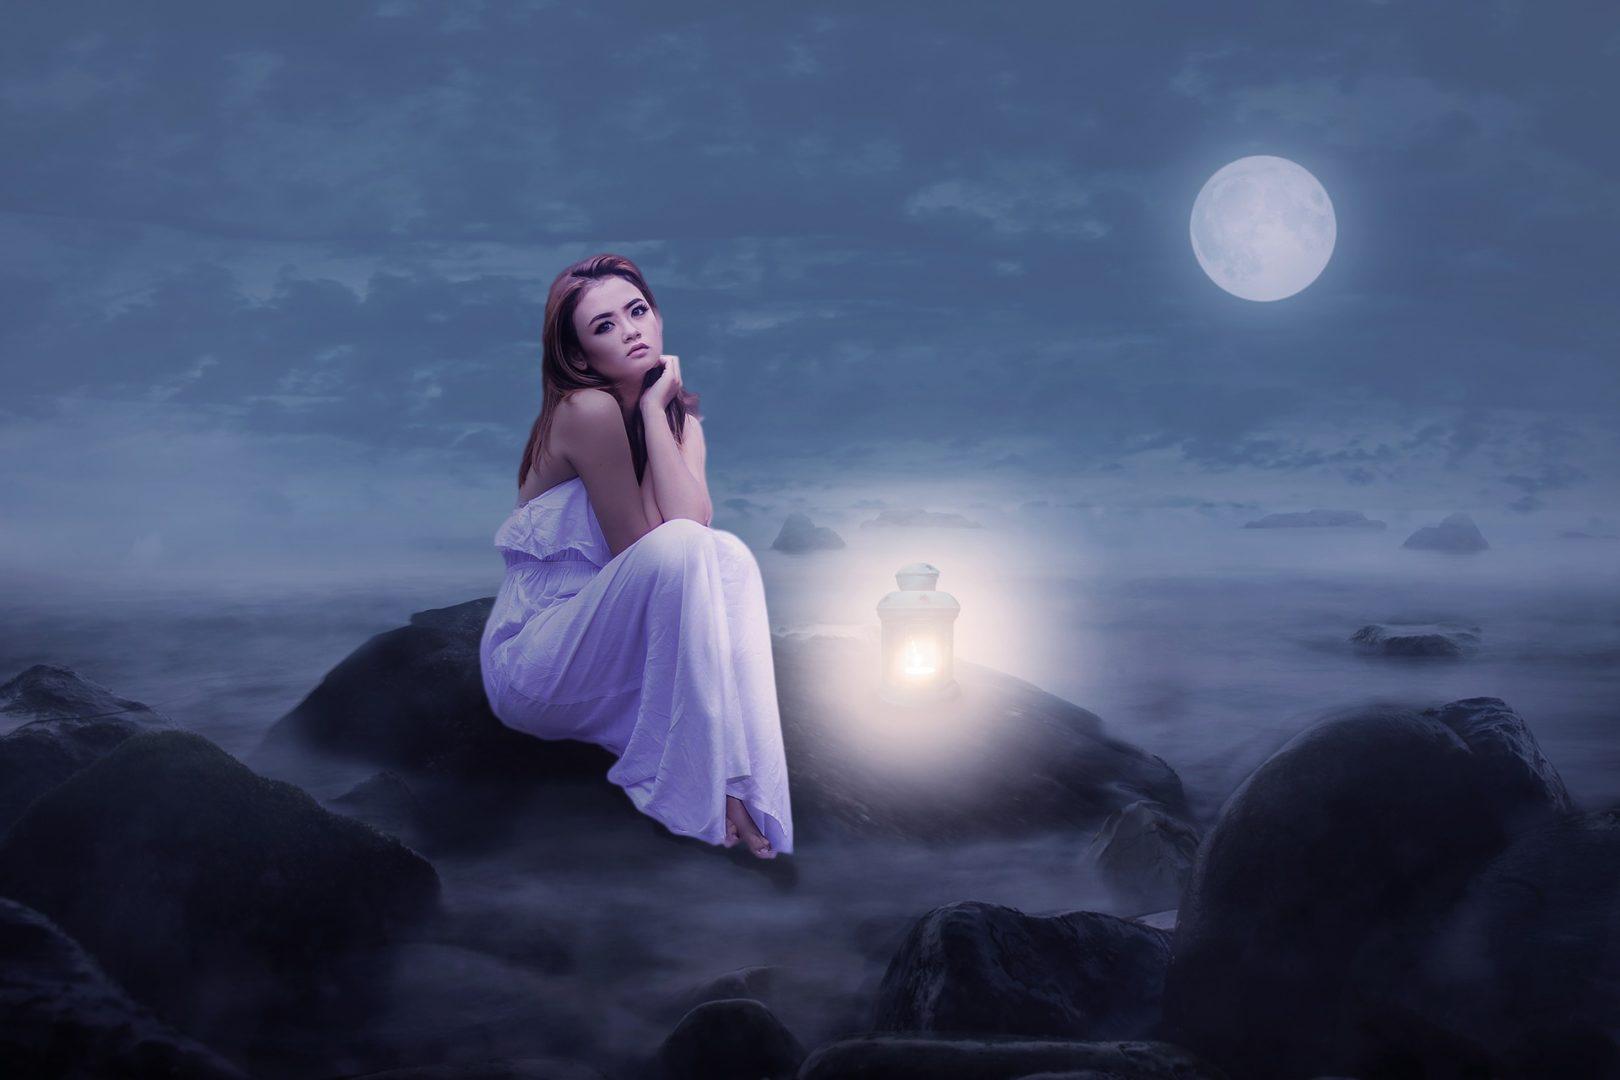 L'influenza delle fasi lunari sulle decisioni importanti - Parola di Donna